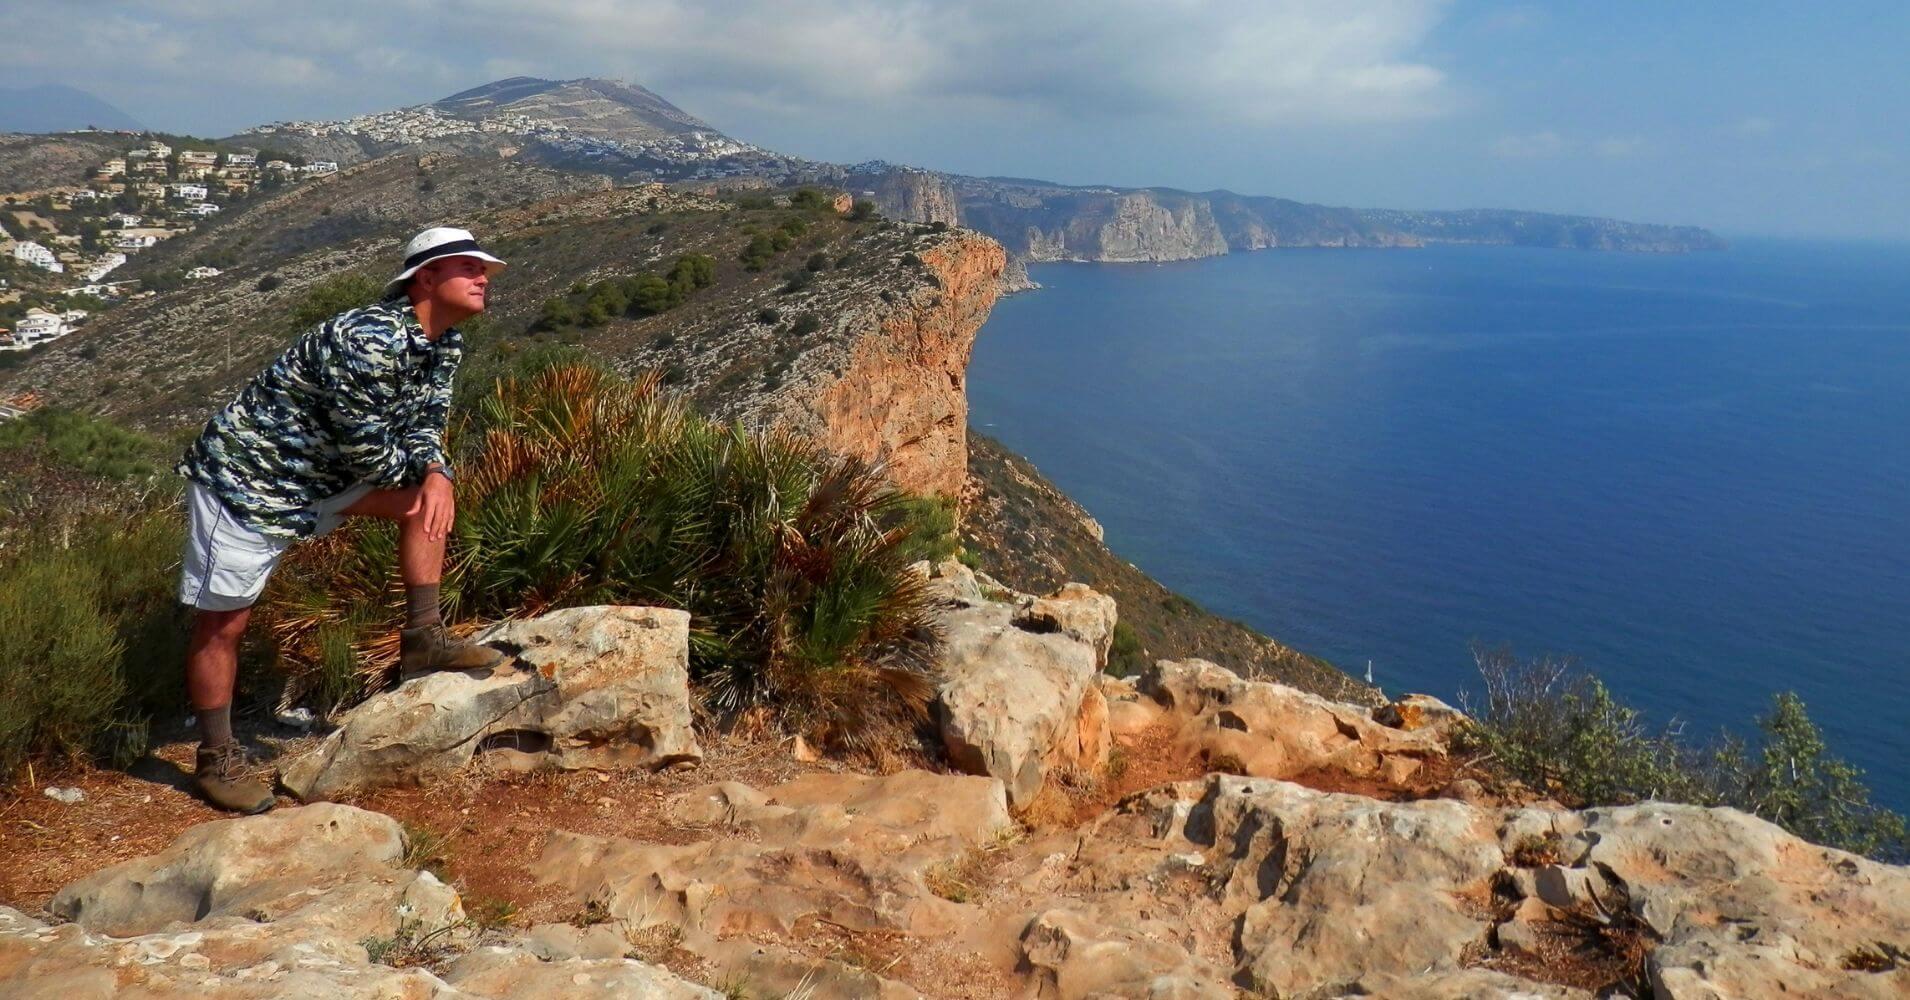 Cap d' Or a Vuelo de Gaviota. Moraira, Alicante. Comunidad Valenciana.